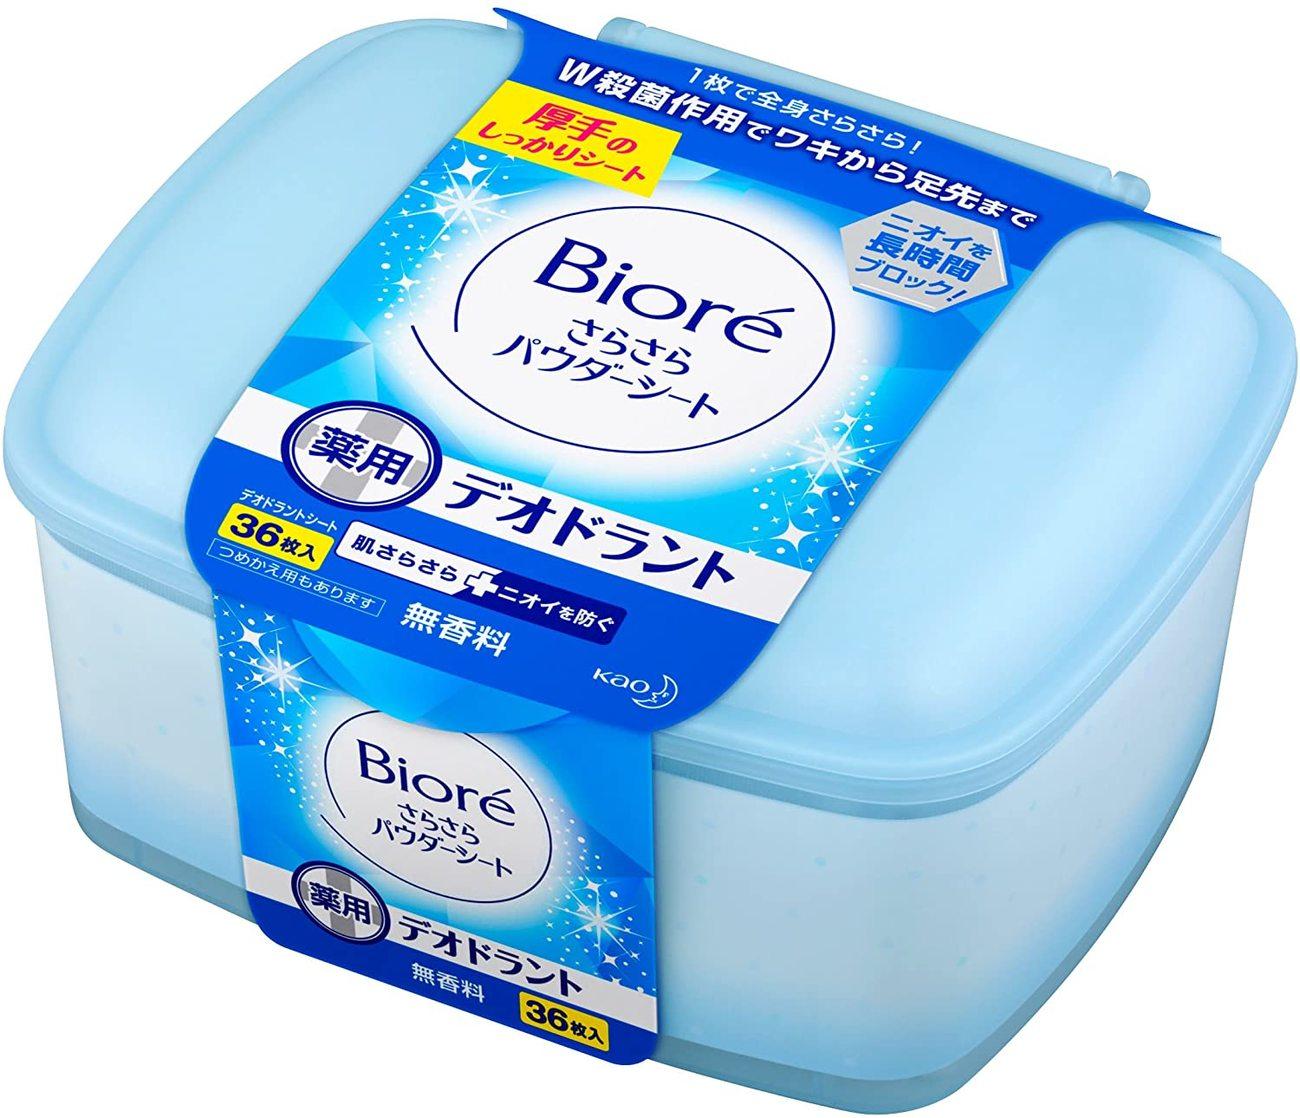 Biore(ビオレ) さらさらパウダーシート 薬用デオドラント